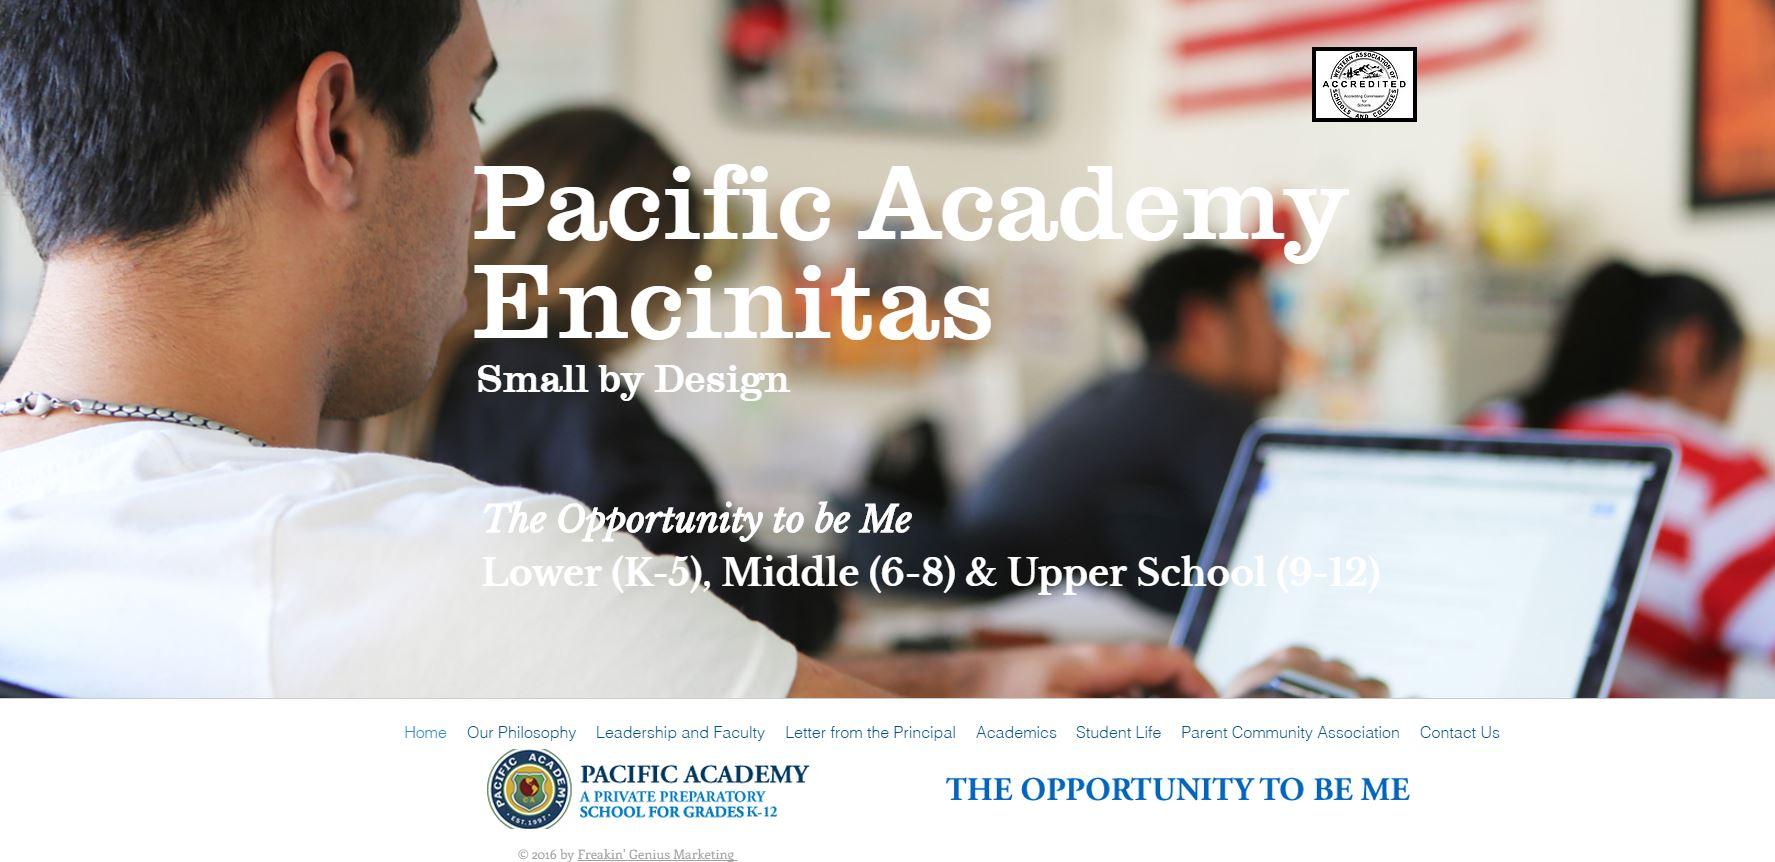 Pacific Academy Encinitas